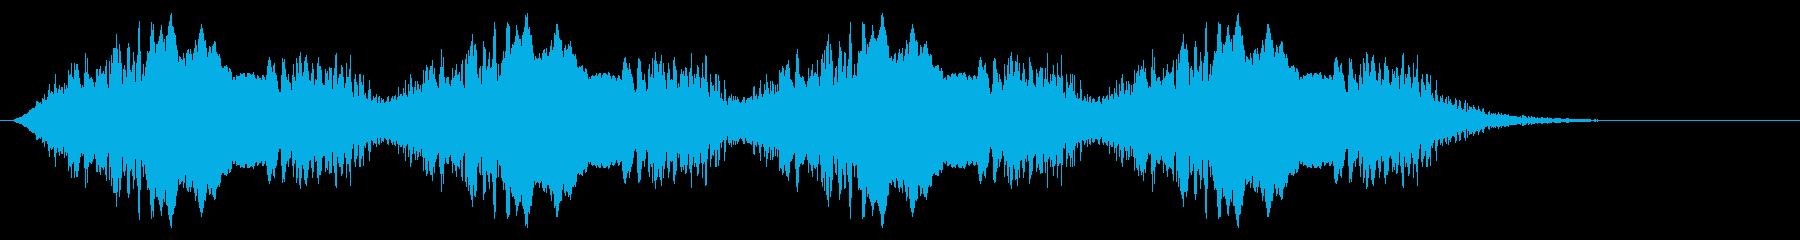 警告音 サイレン02-08(リバーブ 遅の再生済みの波形